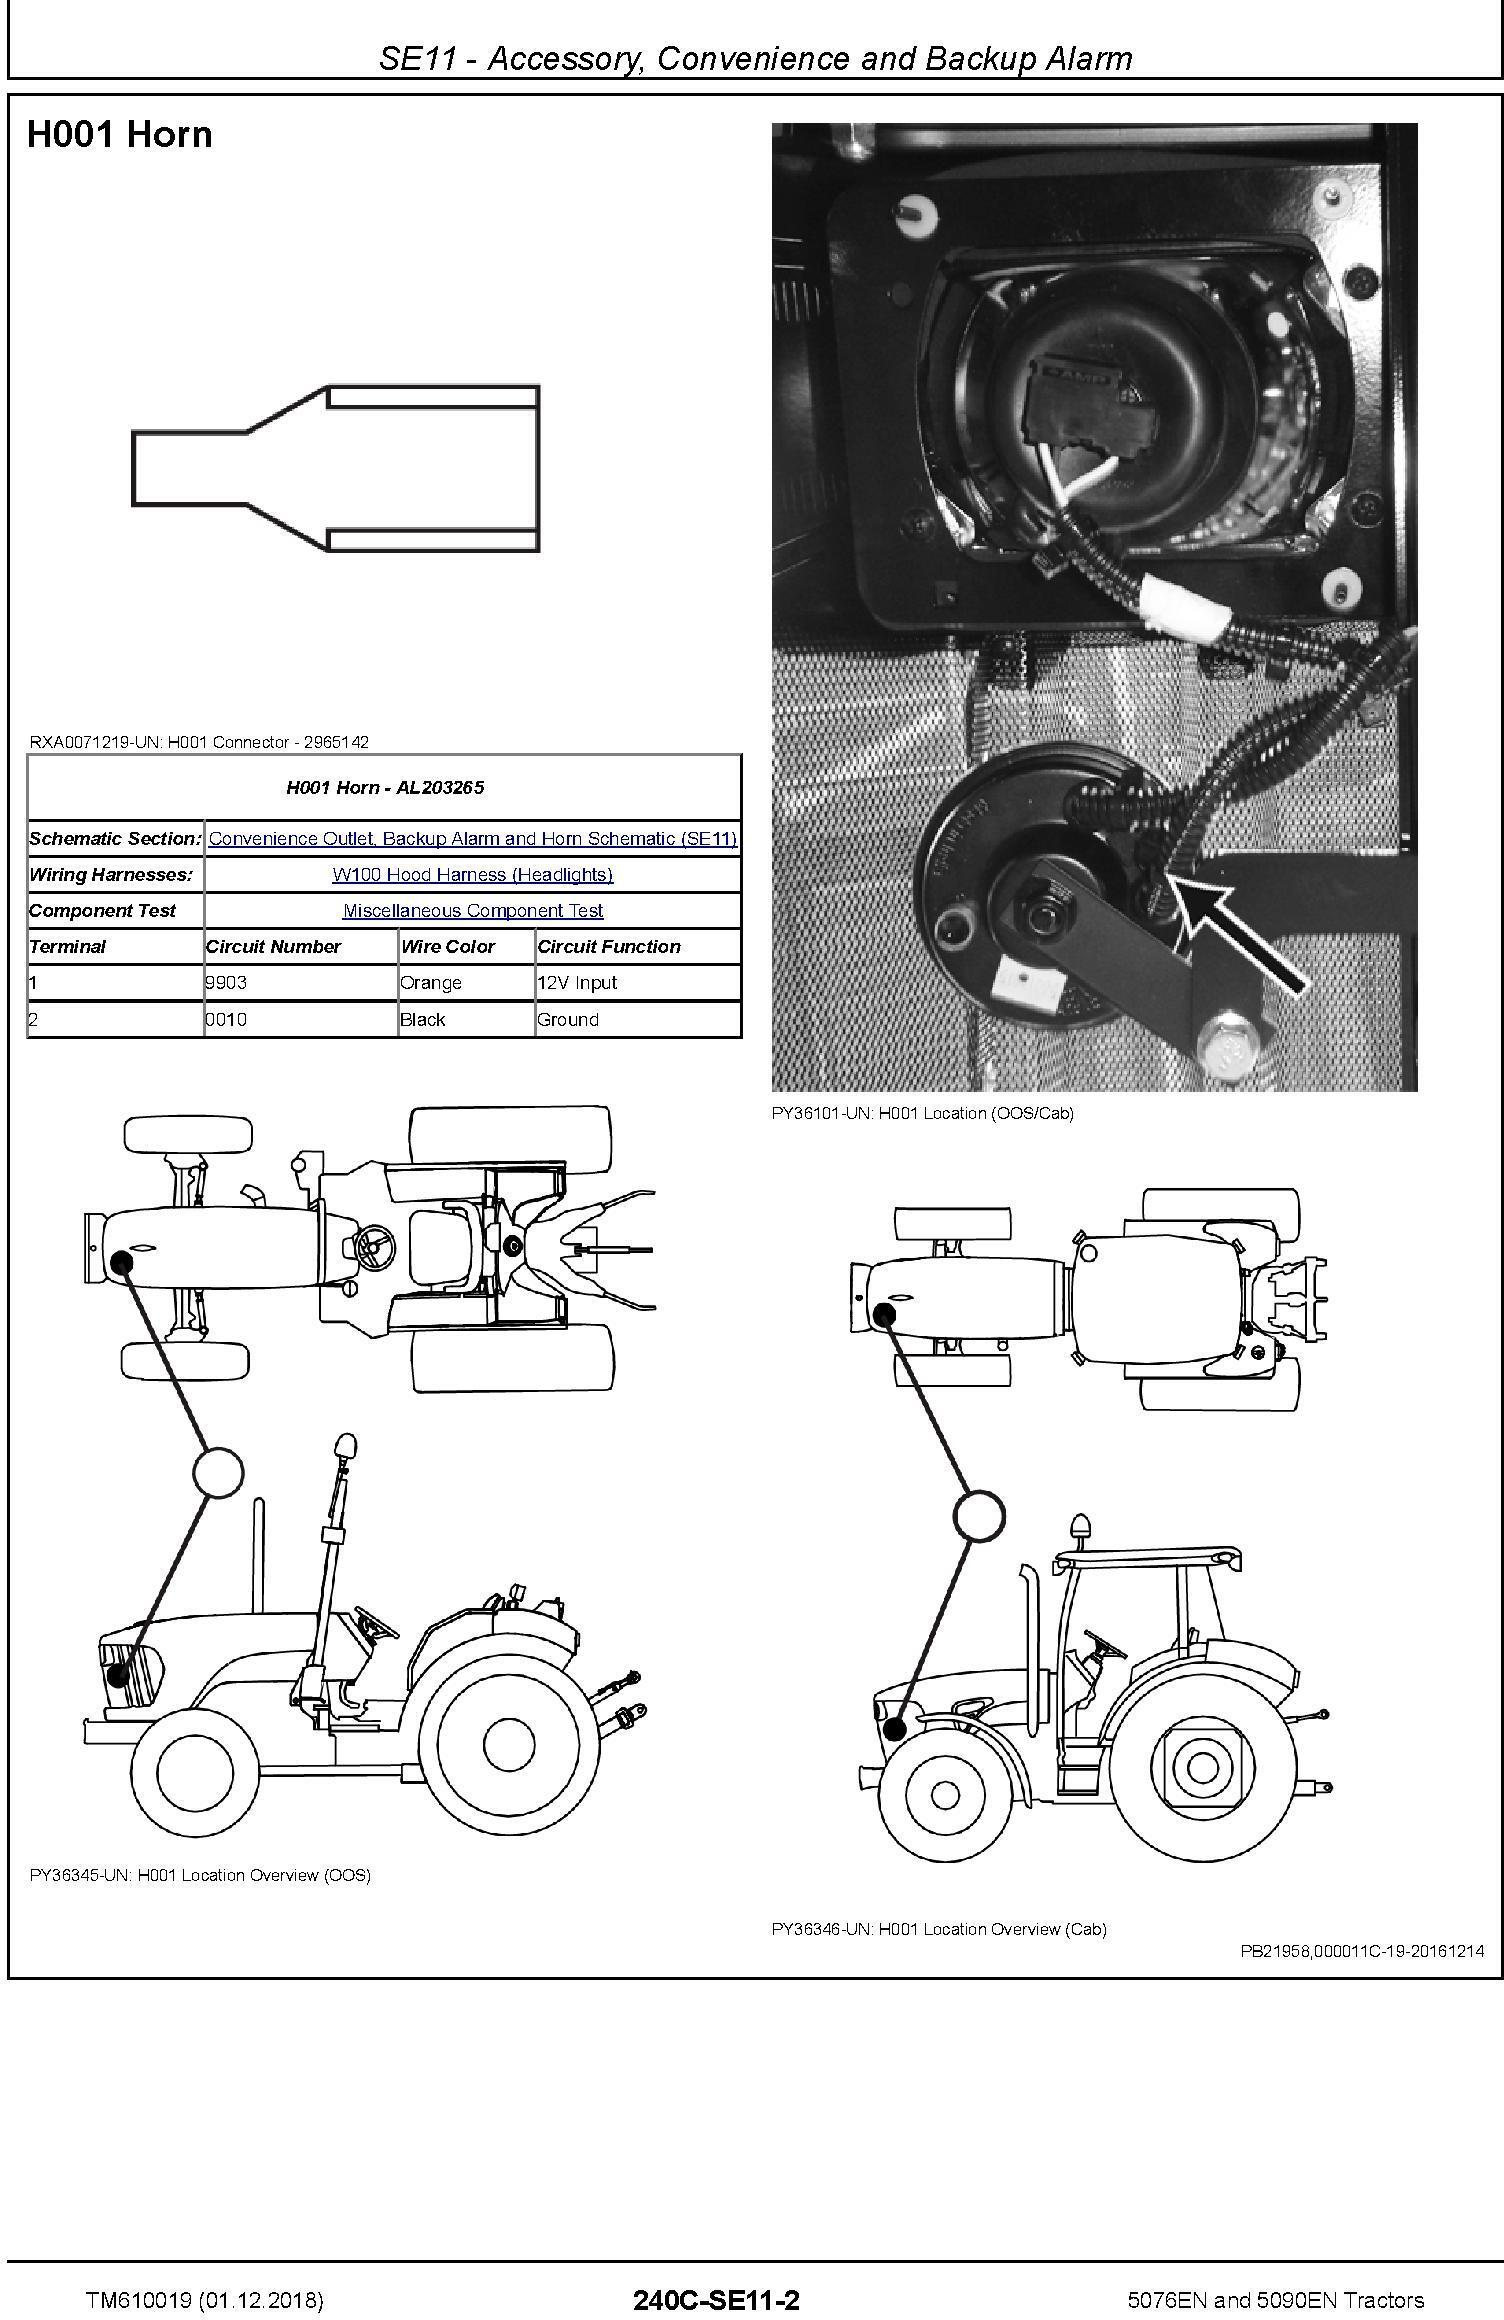 John Deere 5076EN and 5090EN Tractors Diagnostic Technical Service Manual (TM610019) - 1